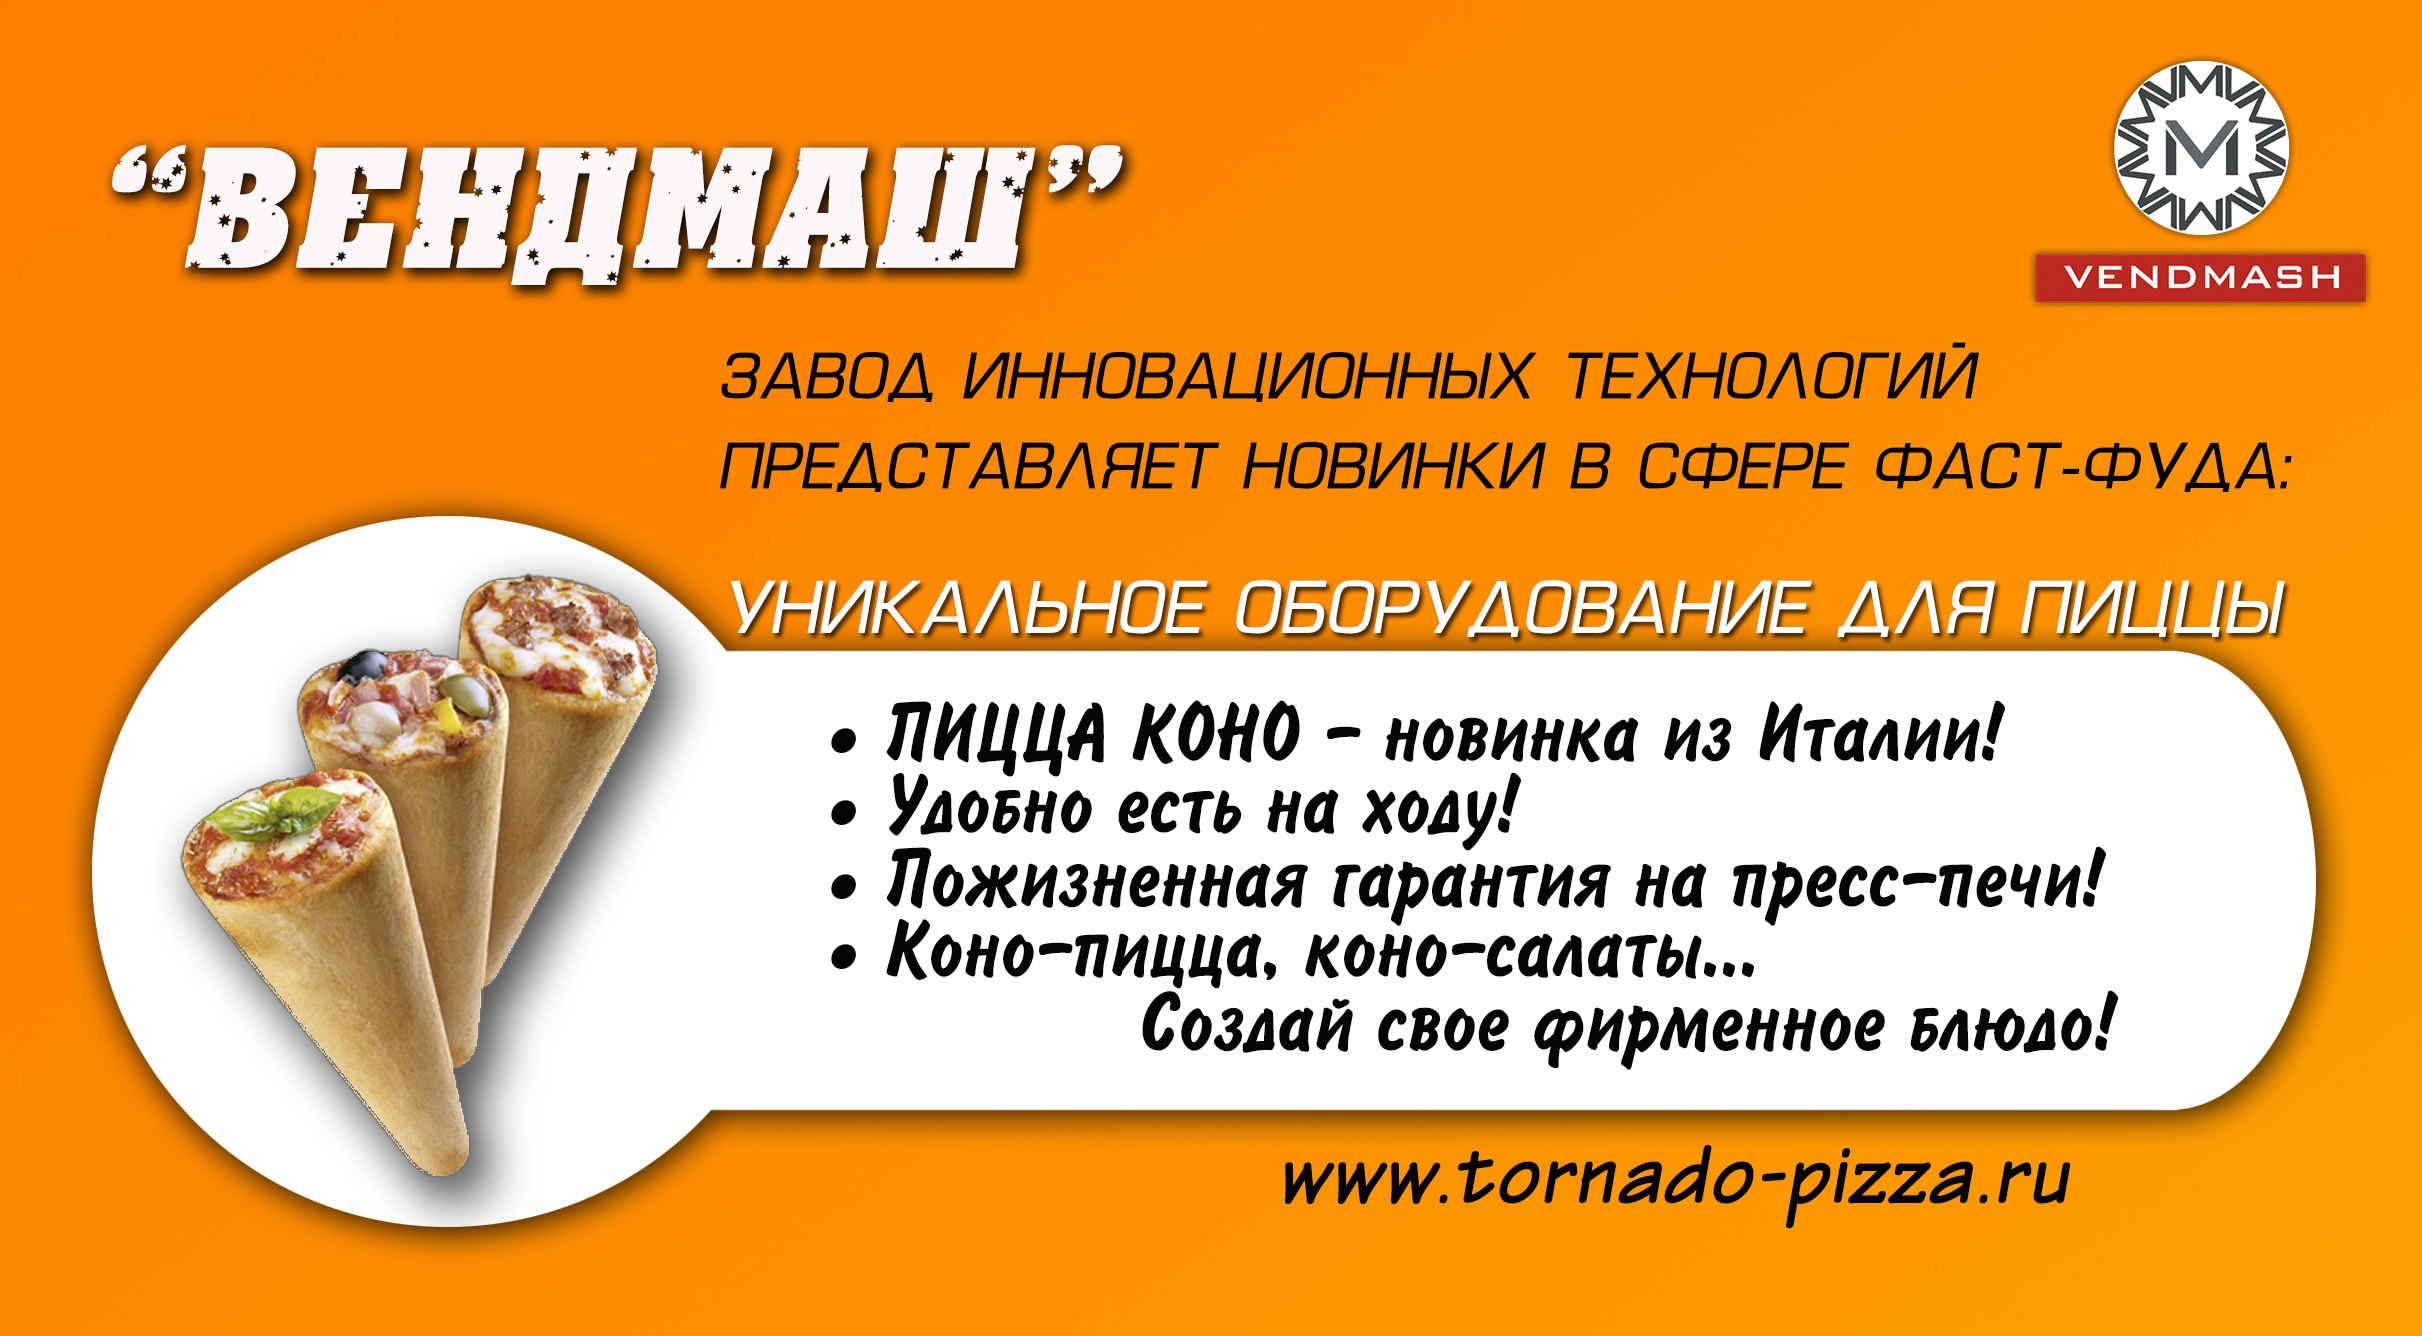 Оборудование для пиццы от производителя